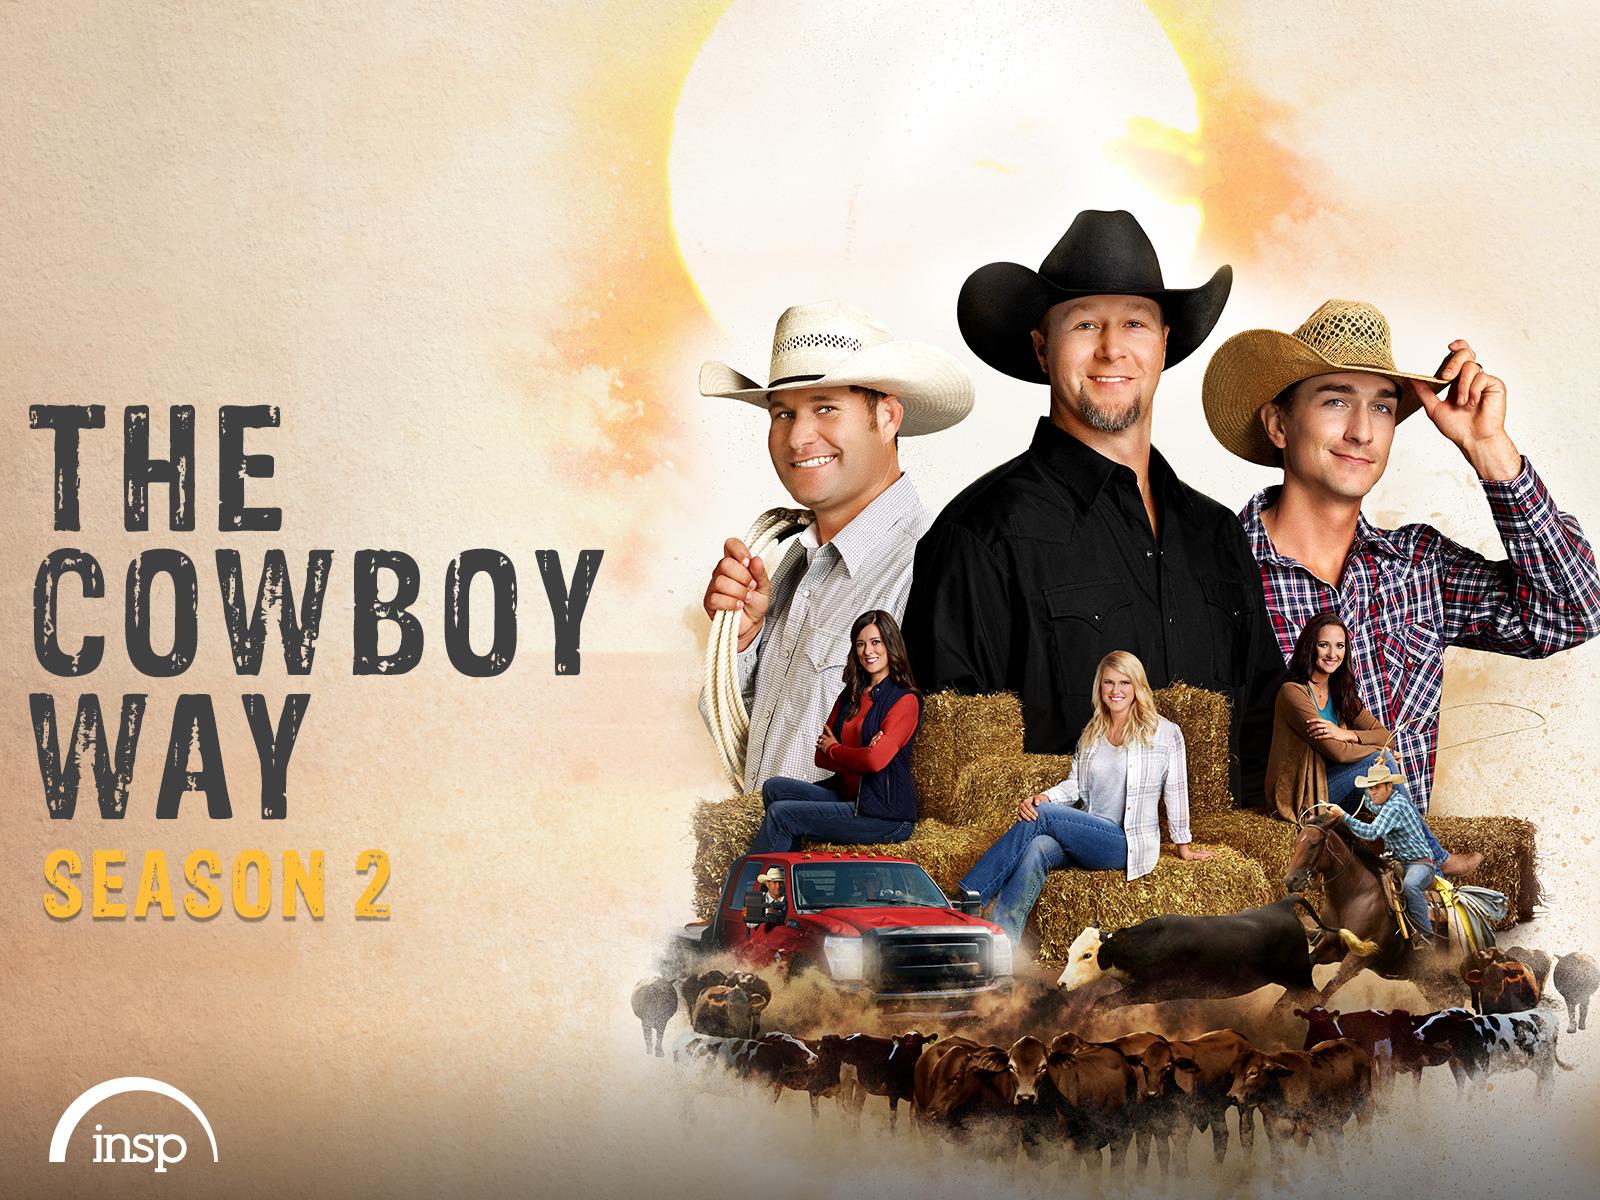 Cowboy dating nätverk hastighet dating Galway